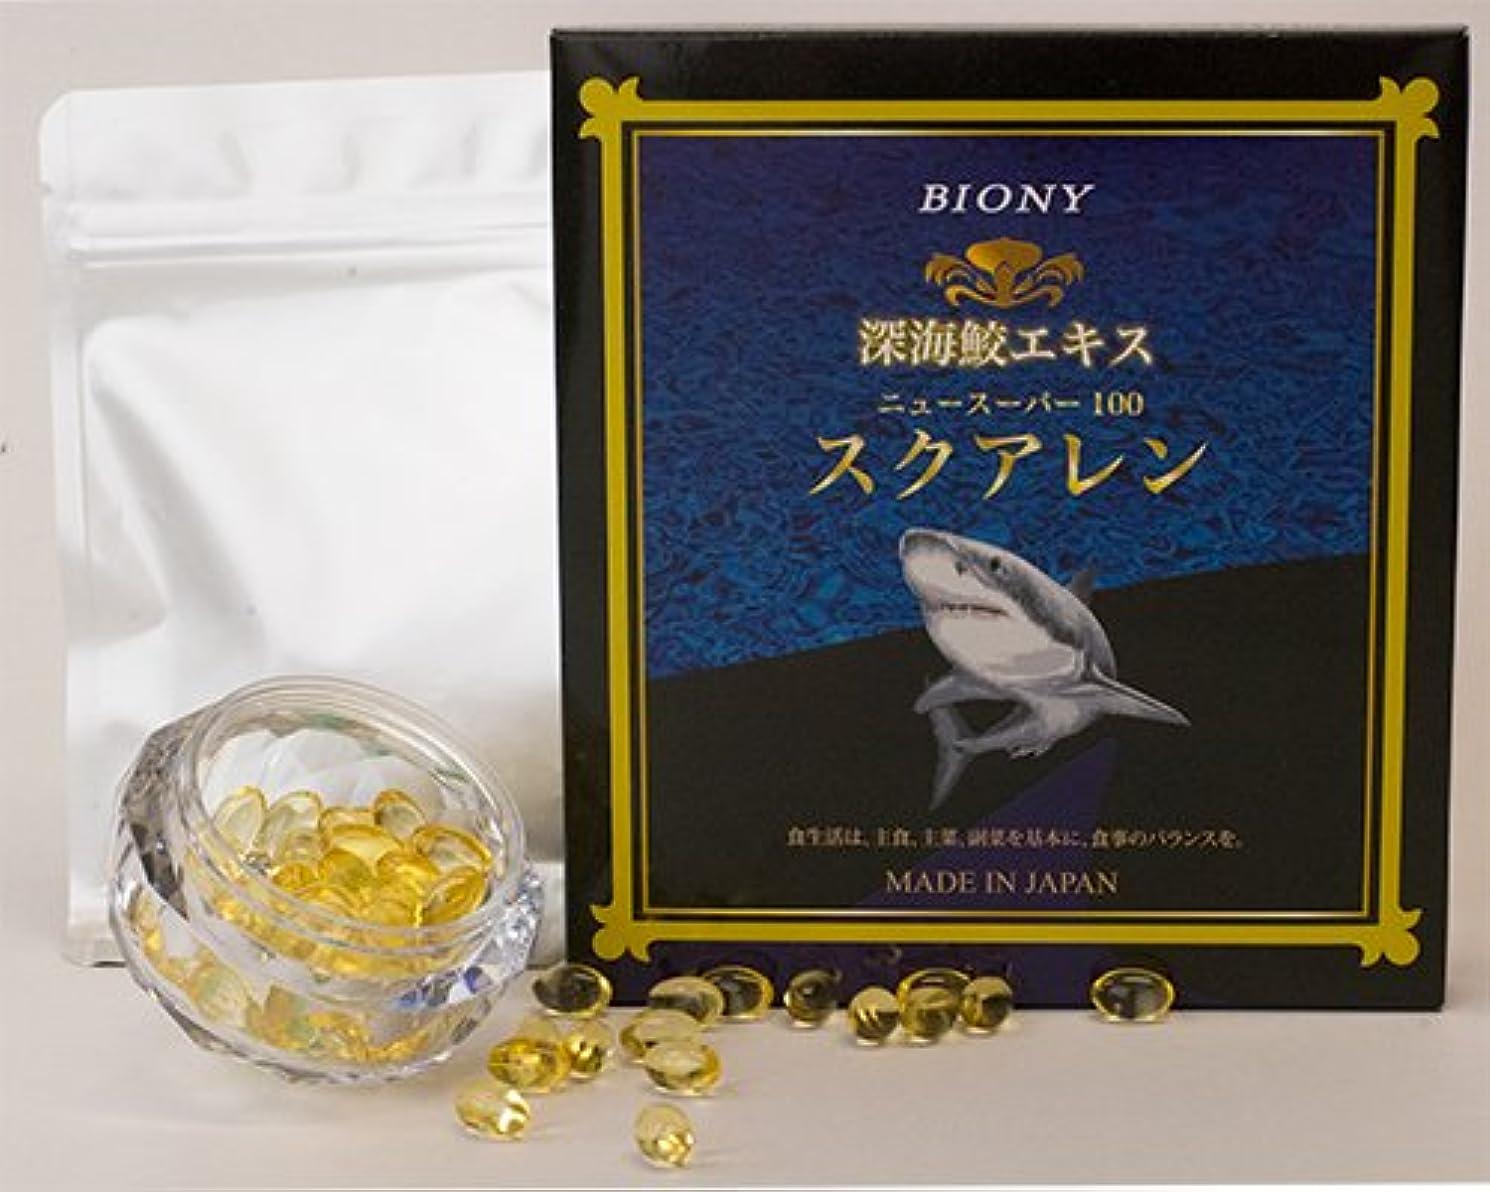 ラジウムトリプルワット深海鮫エキス スクワレン(アルミパウチ)110粒